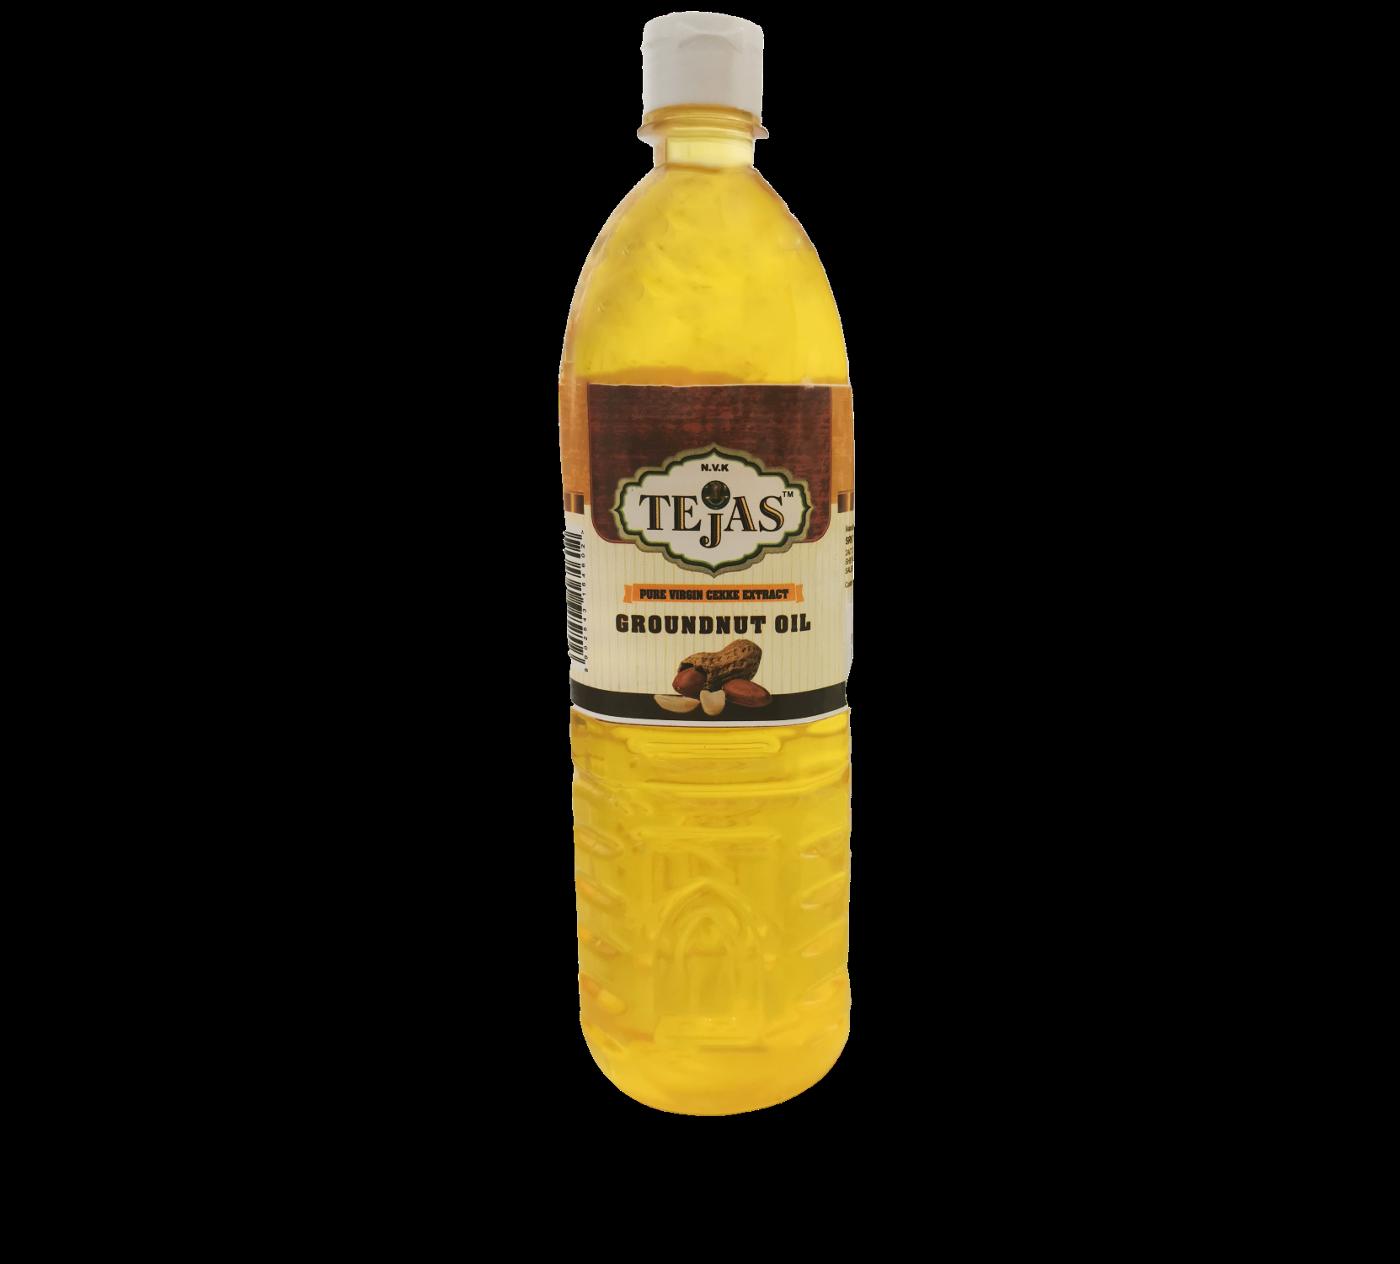 Tejas Groundnut Oil